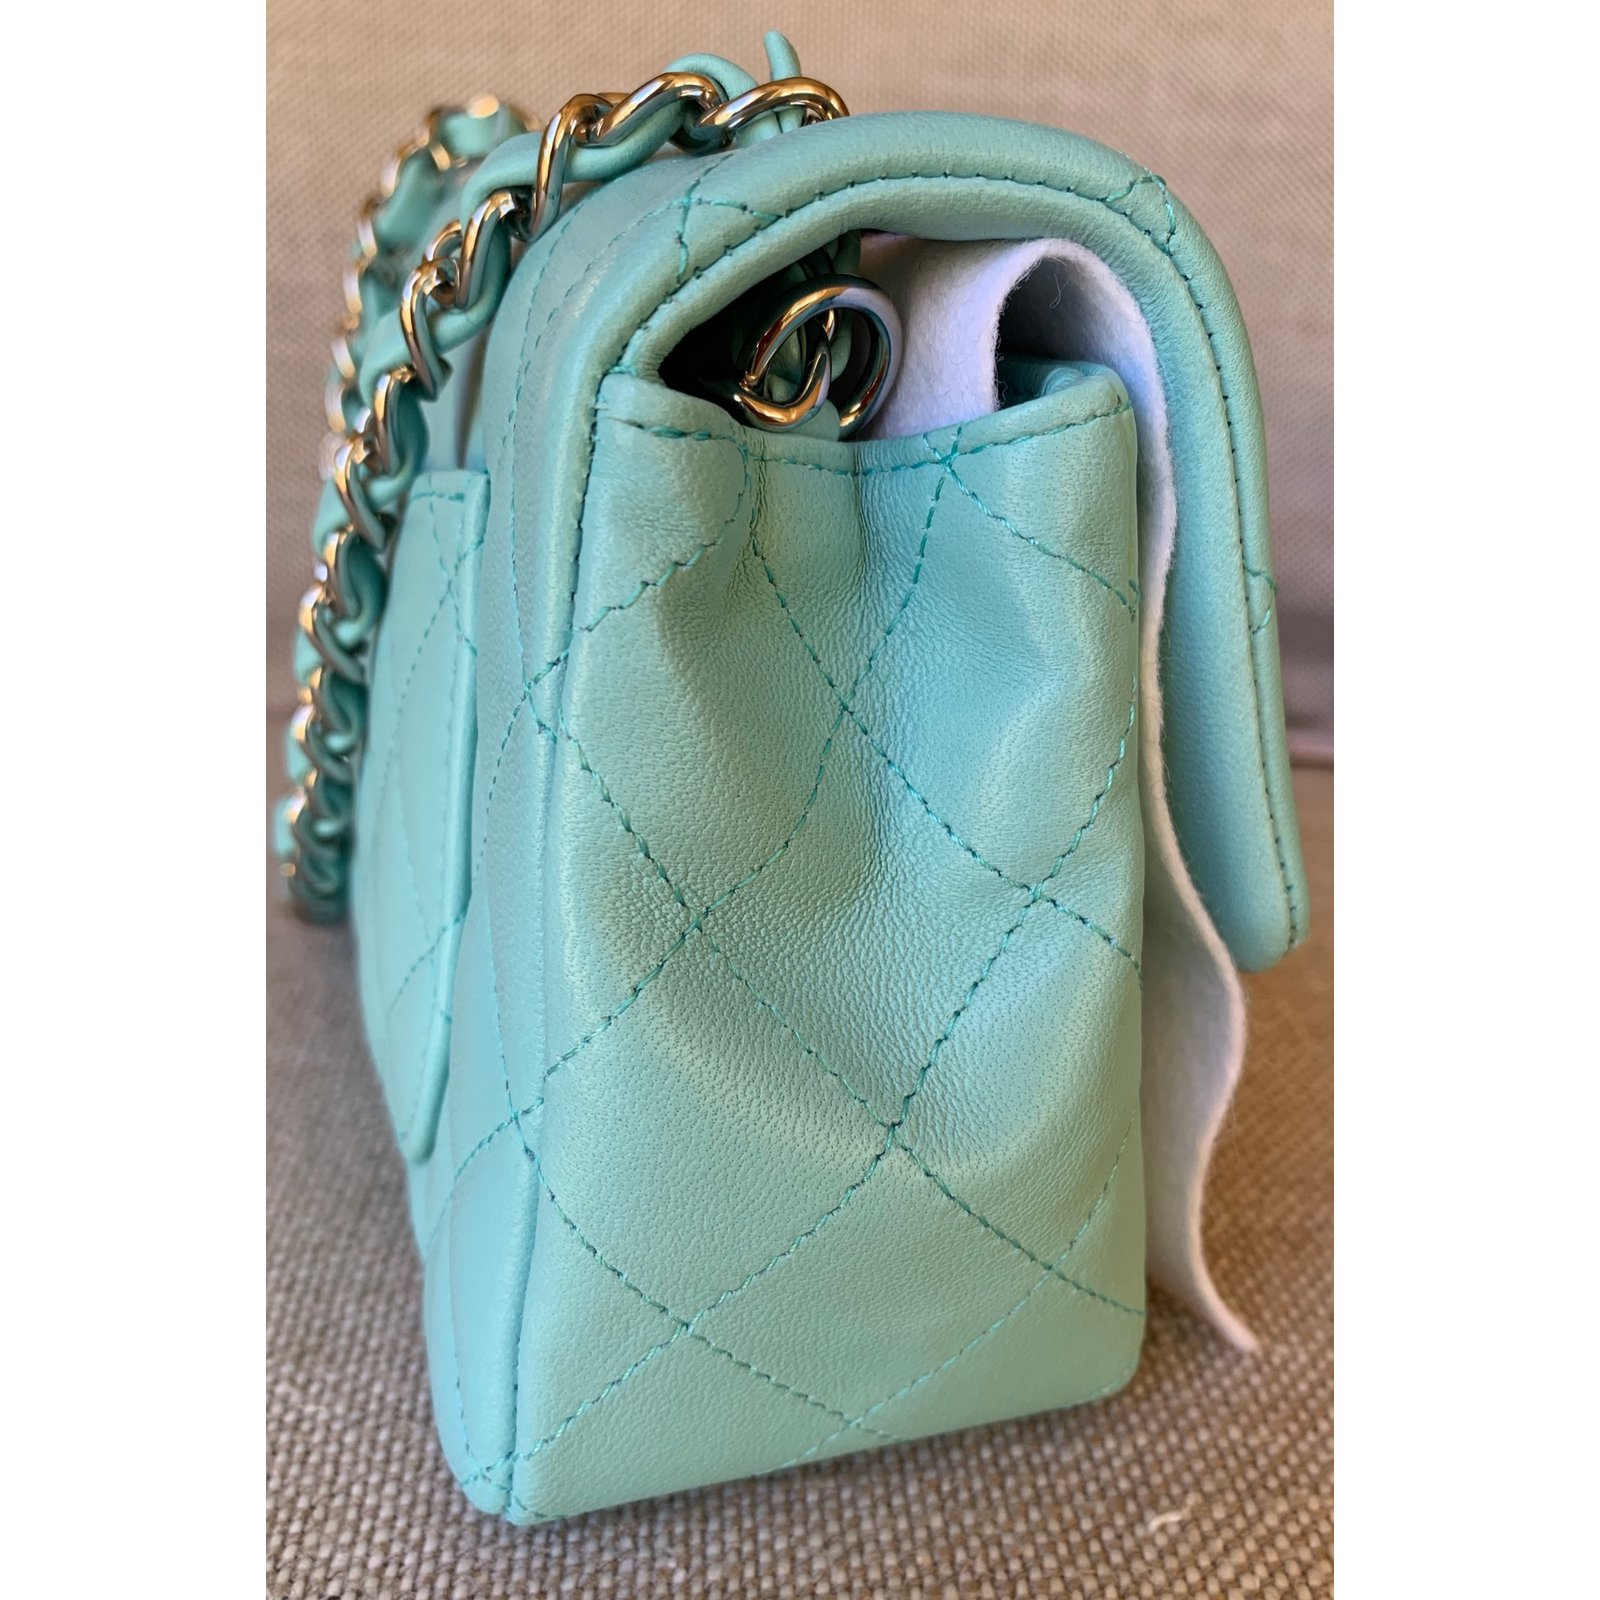 Sacs à main Chanel Mini-rabat en cuir d agneau matelassé classique bleu  clair avec chaîne en argent Cuir Bleu clair ref.92355 - Joli Closet 8ee3f04cfb6